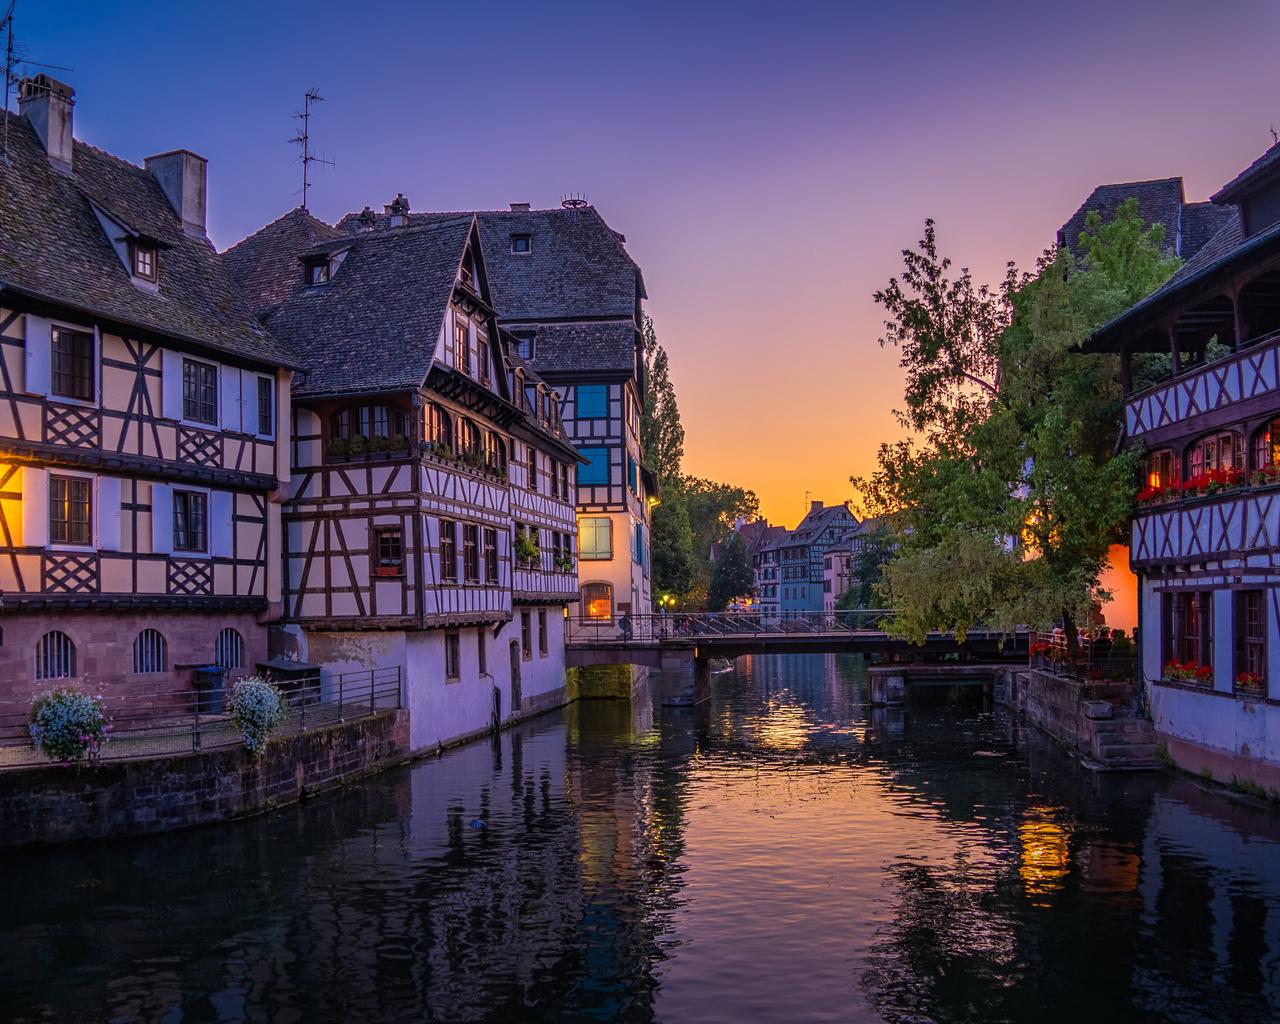 ночь, город, франция, дома, освещение, фонари, канал, мостик, страсбург, strasbourg